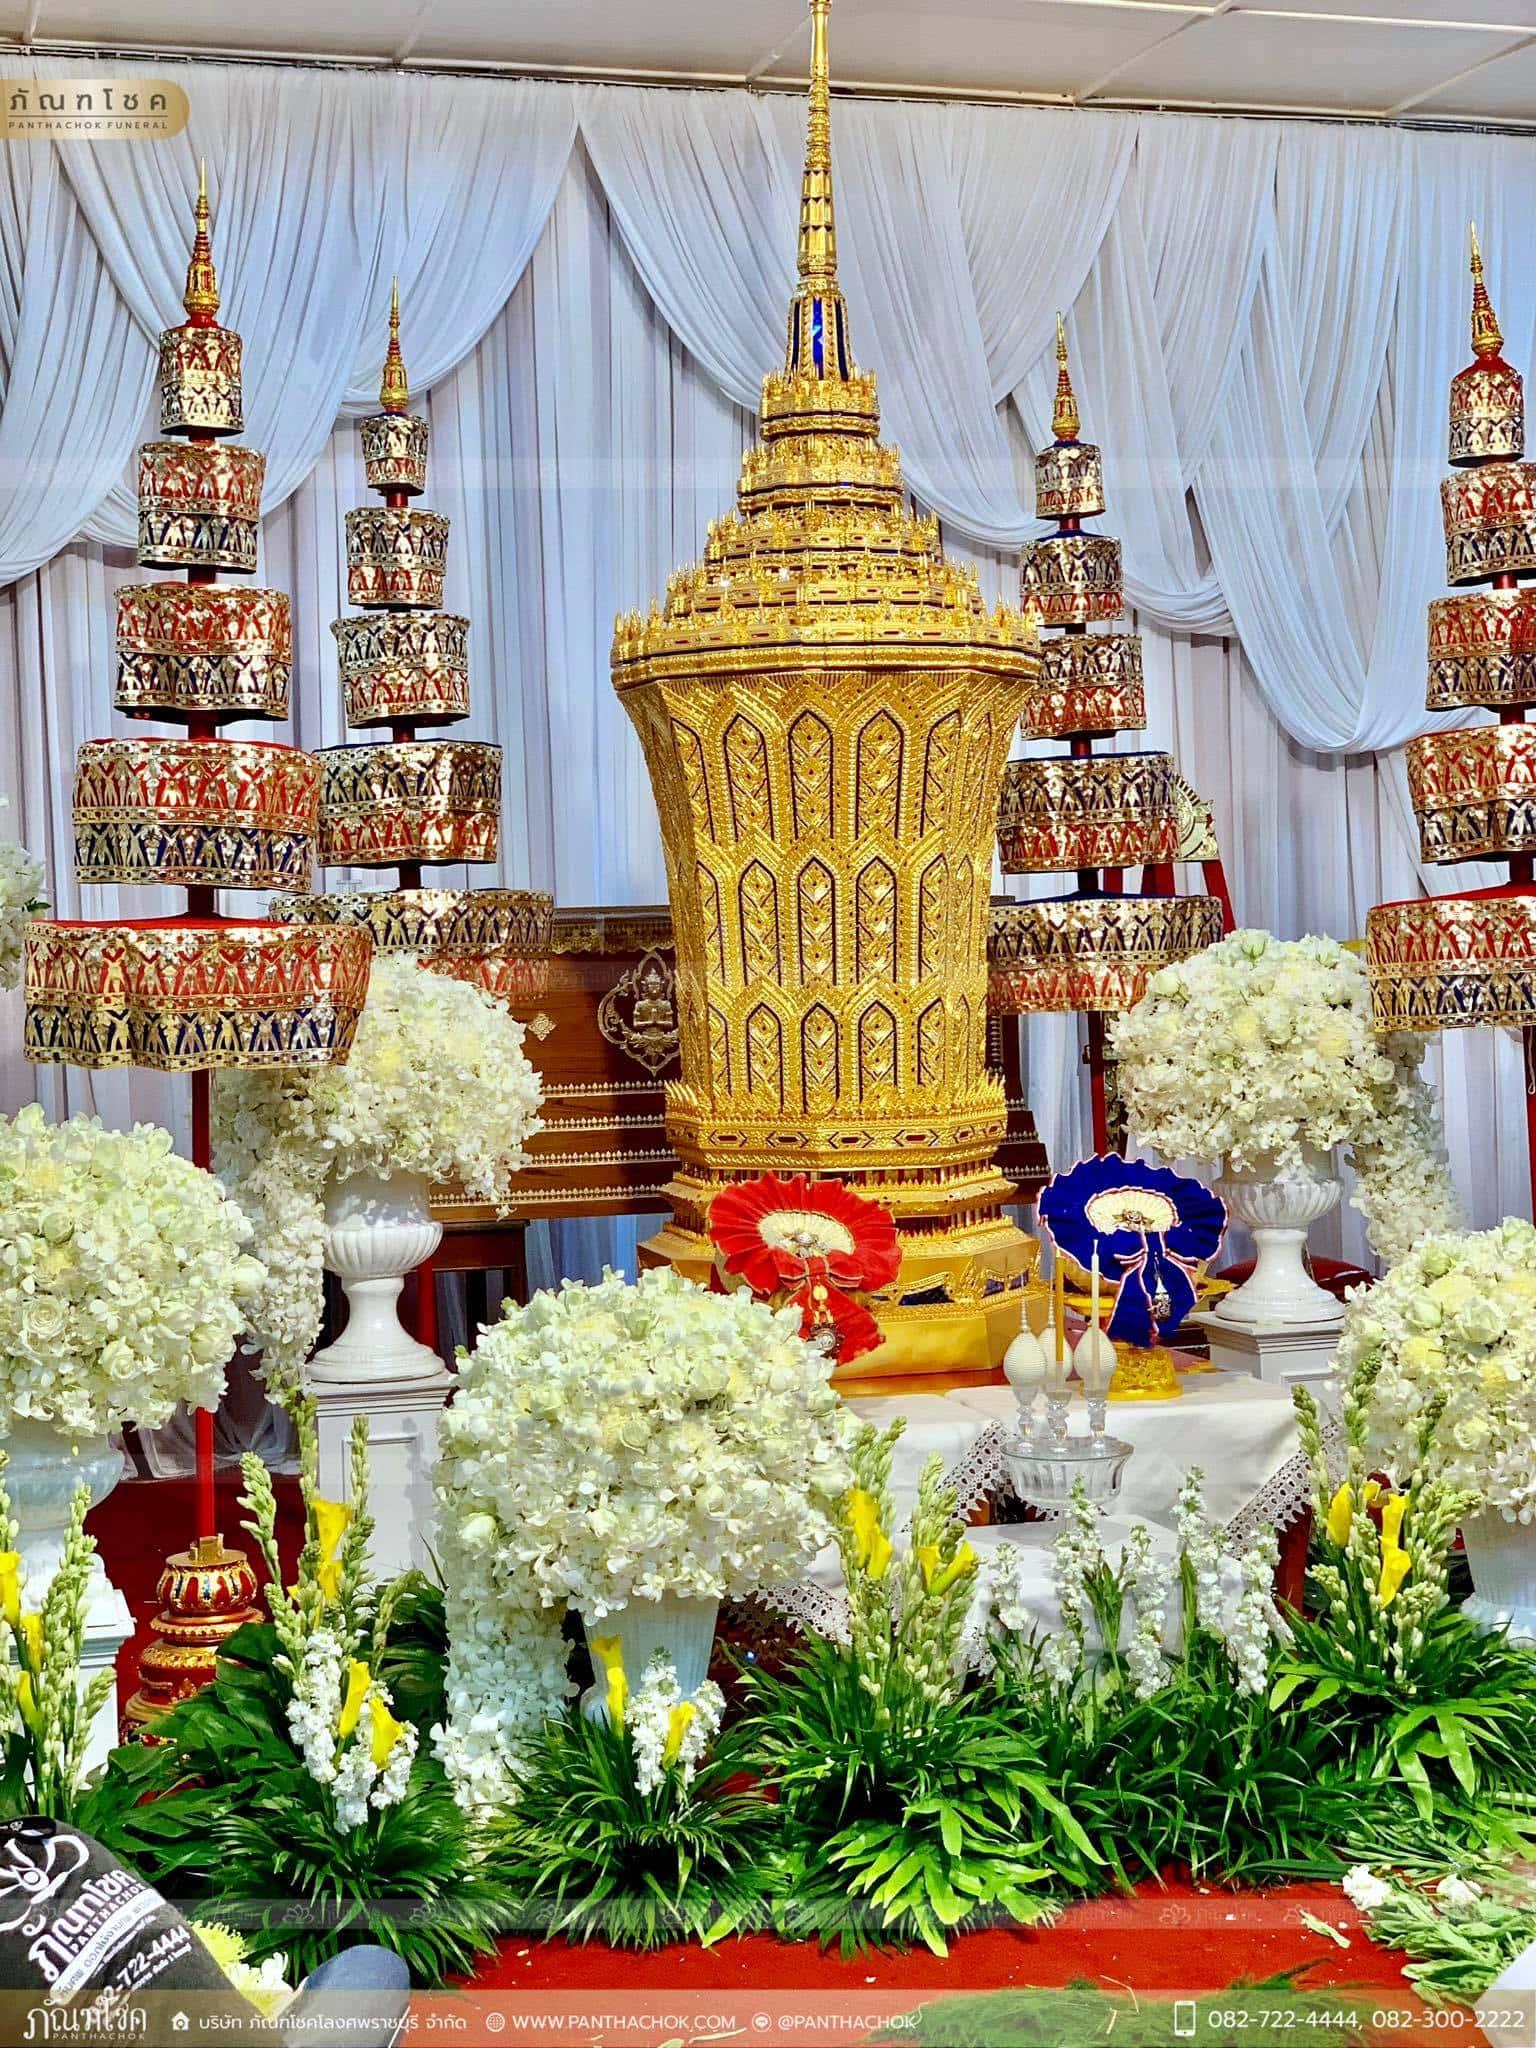 ดอกไม้ประดับหน้าโกศ อดีตผู้ว่าราชการจังหวัดราชบุรี 17